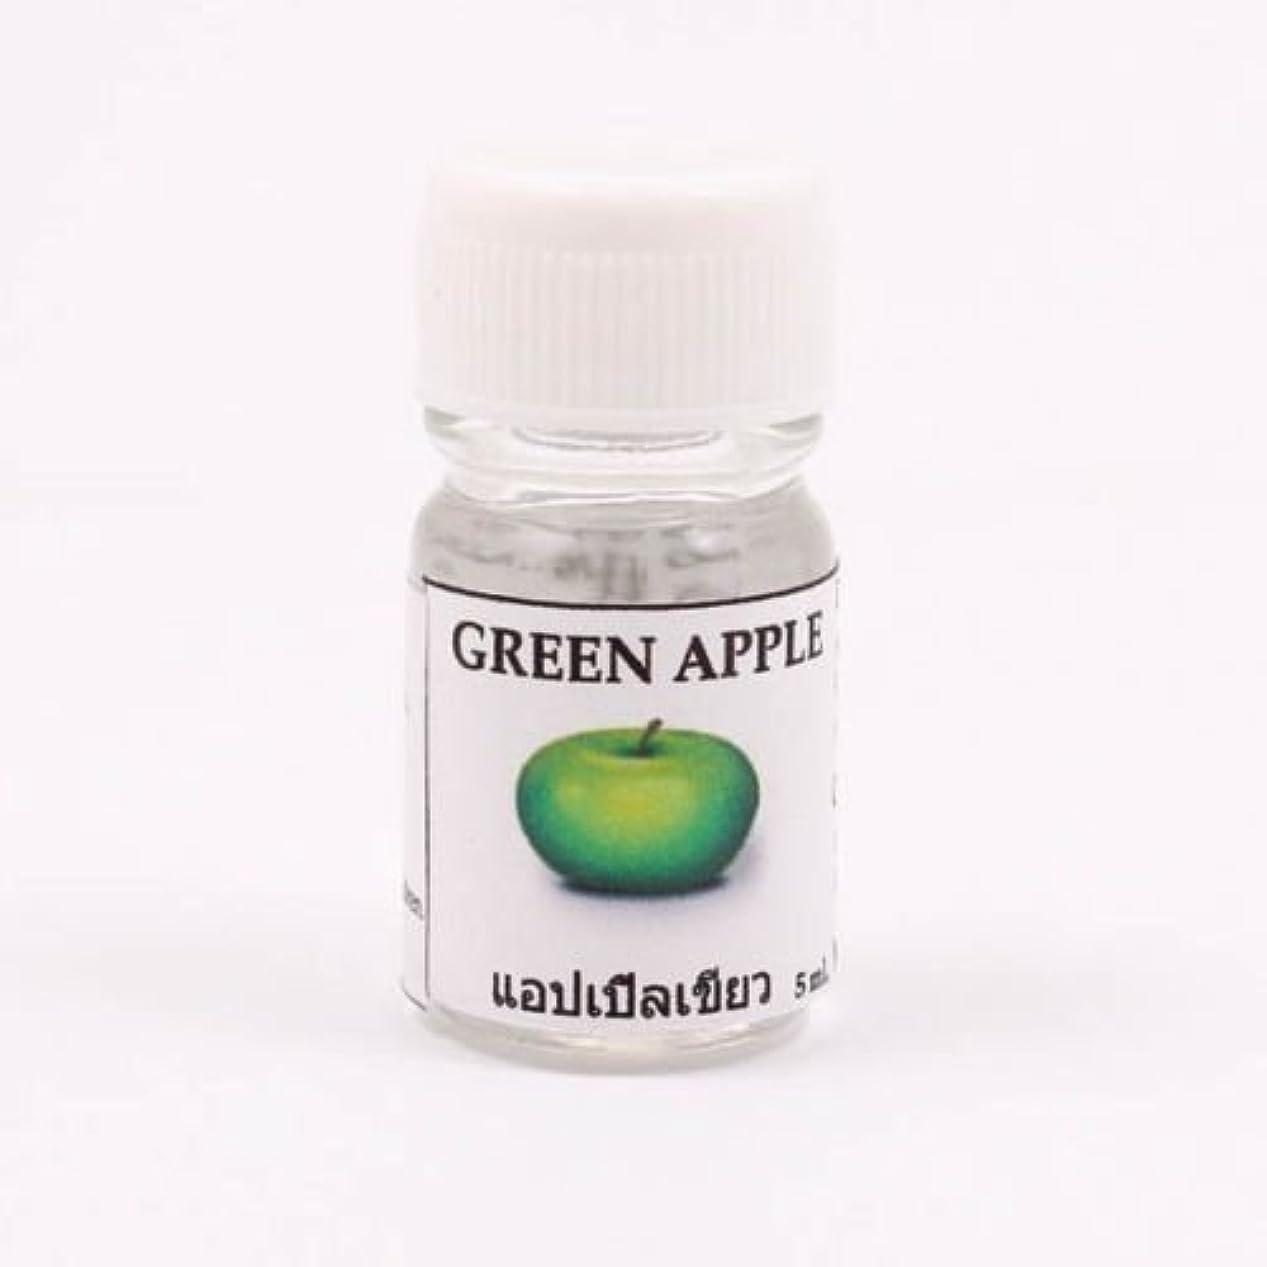 薬を飲む検索エンジンマーケティングカプラー6X Green Apple Aroma Fragrance Essential Oil 5ML Diffuser Burner Therapy